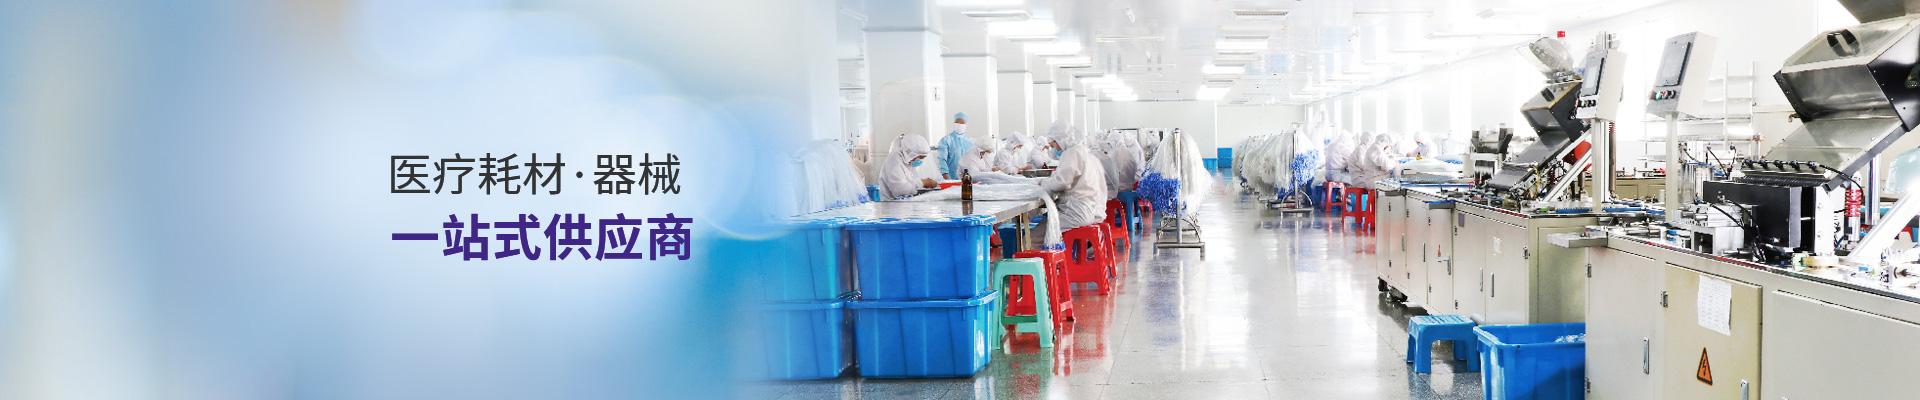 云南仟龙,医疗耗材/器械一站式供应商